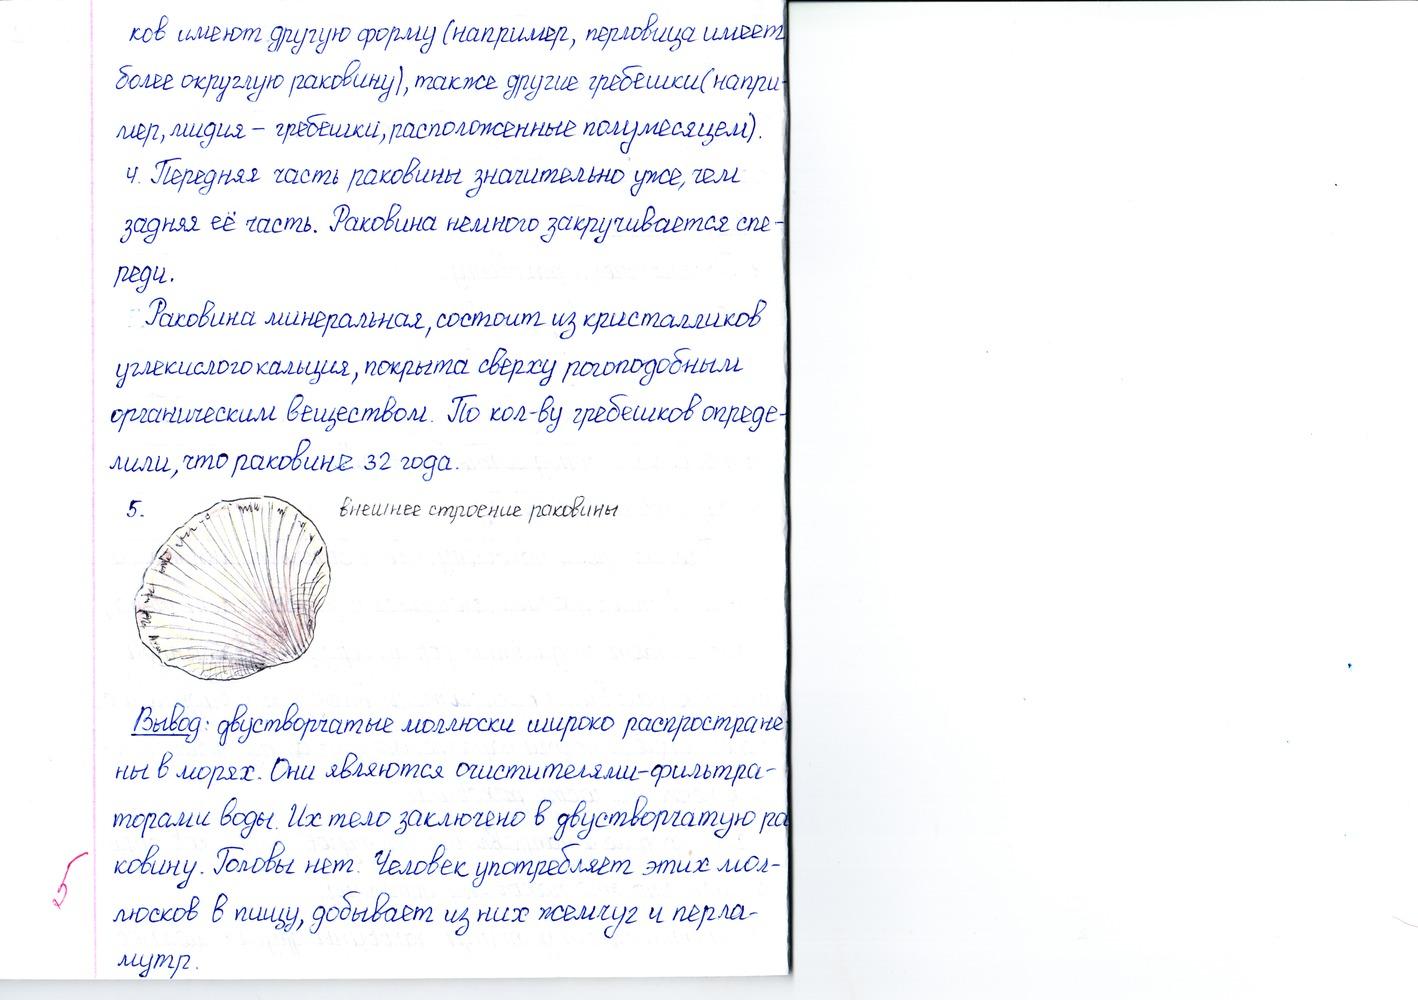 гдз по биологии 7 класс суматохин кучменко 2 часть 2015